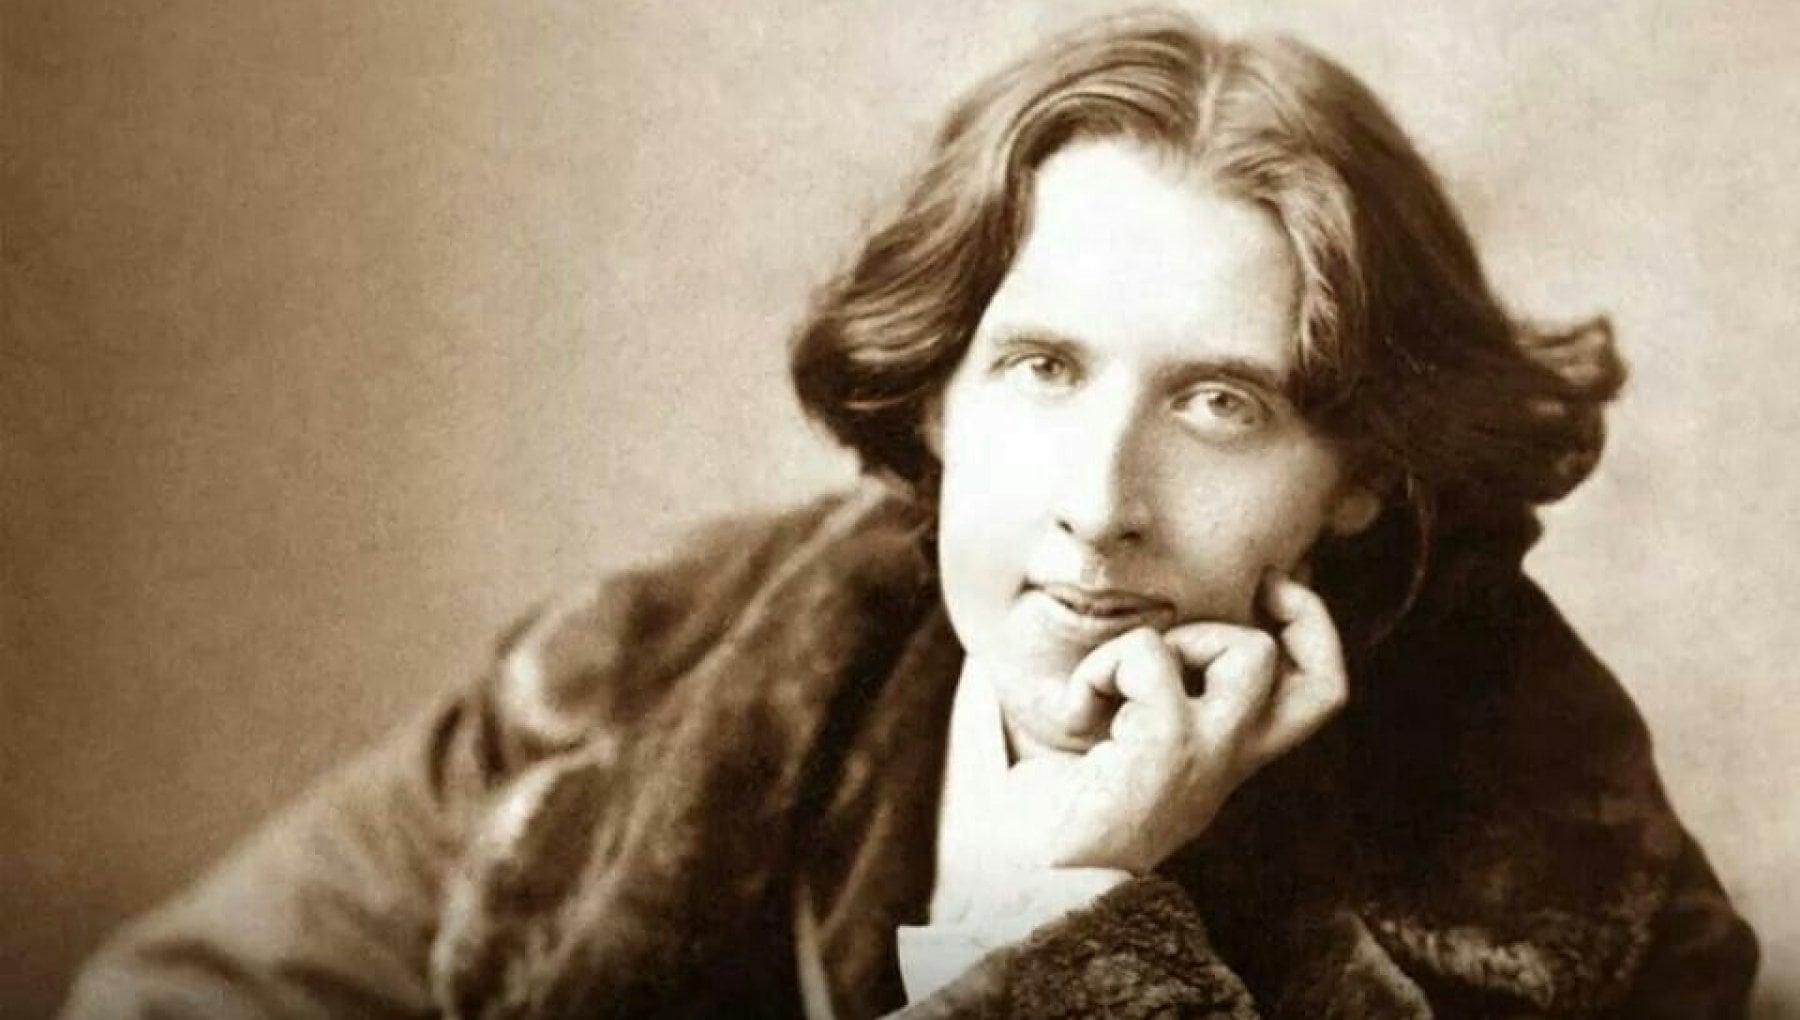 Diventa museo la prigione di Oscar Wilde e Pinochet